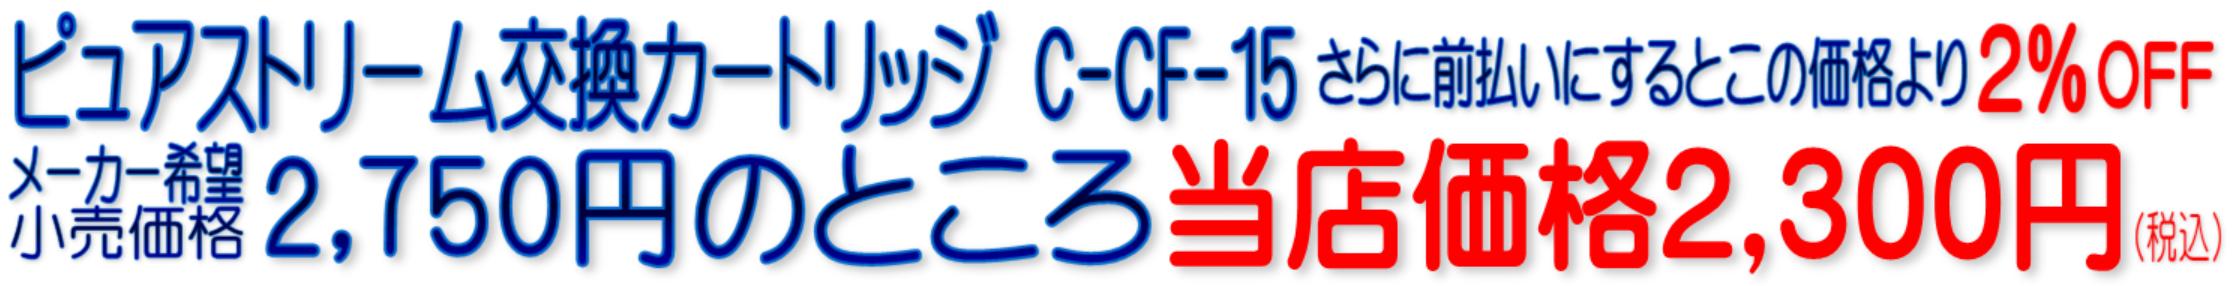 C-CF-15